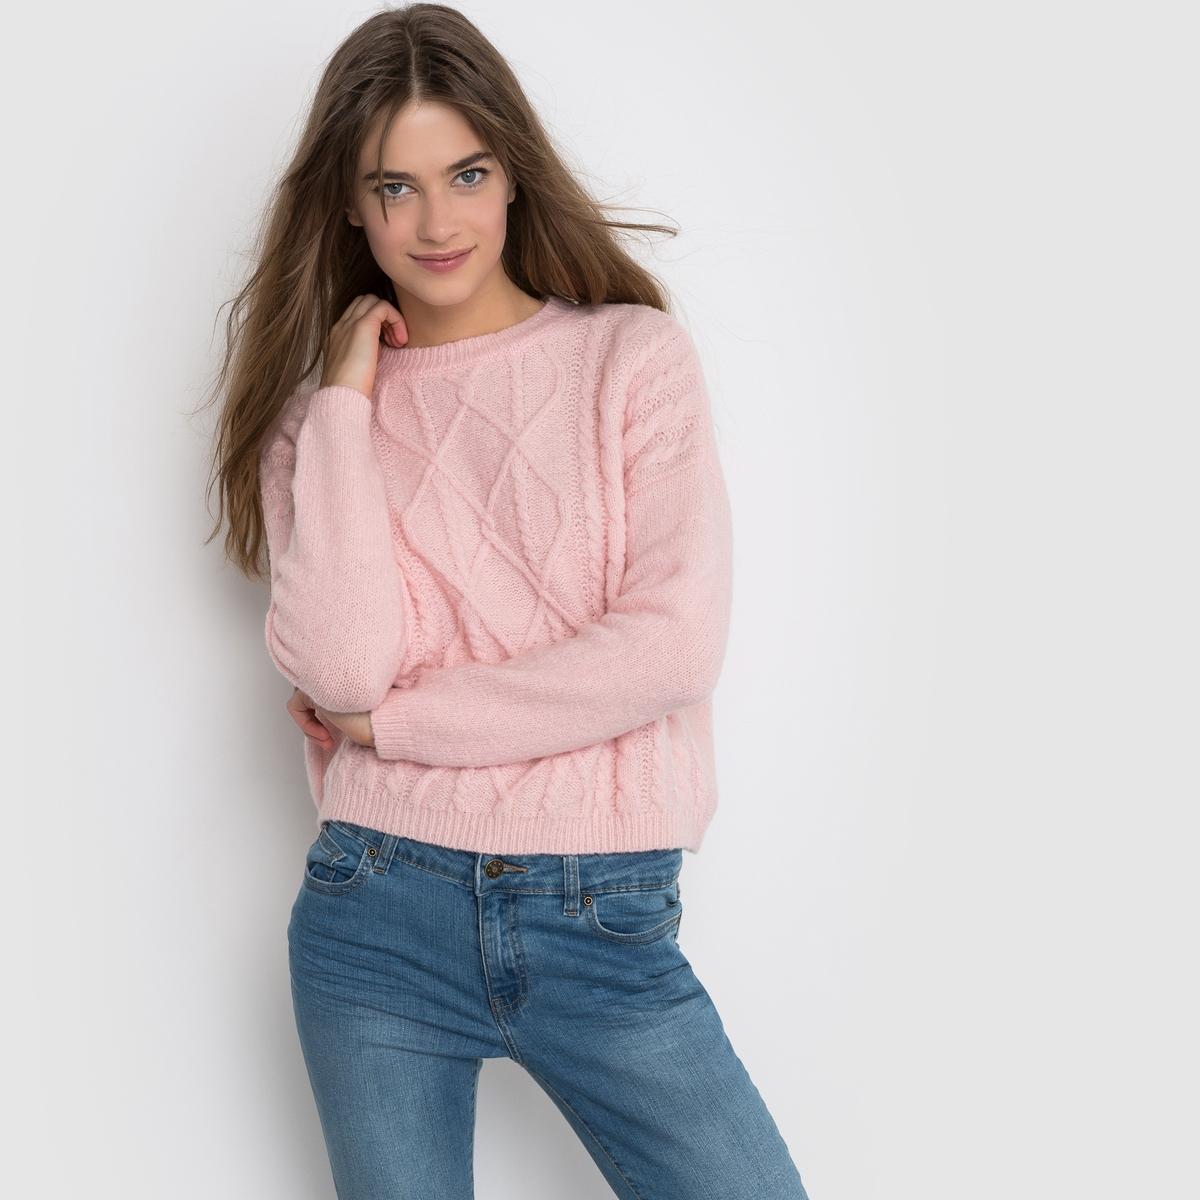 Пуловер короткий с узором косыПуловер с длинным рукавом R ?dition. Короткий пуловер из вязанного трикотажа с узором косы. Края связаны в рубчик. Воздушный пуловер .Состав и описание :Длина : 52 смМатериал : 72% акрила, 25% полиамида, 3% эластанаМарка :      R ?ditionУходСтирка при 30° с одеждой подобного цвета Не гладить<br><br>Цвет: розовый<br>Размер: 42/44 (FR) - 48/50 (RUS)